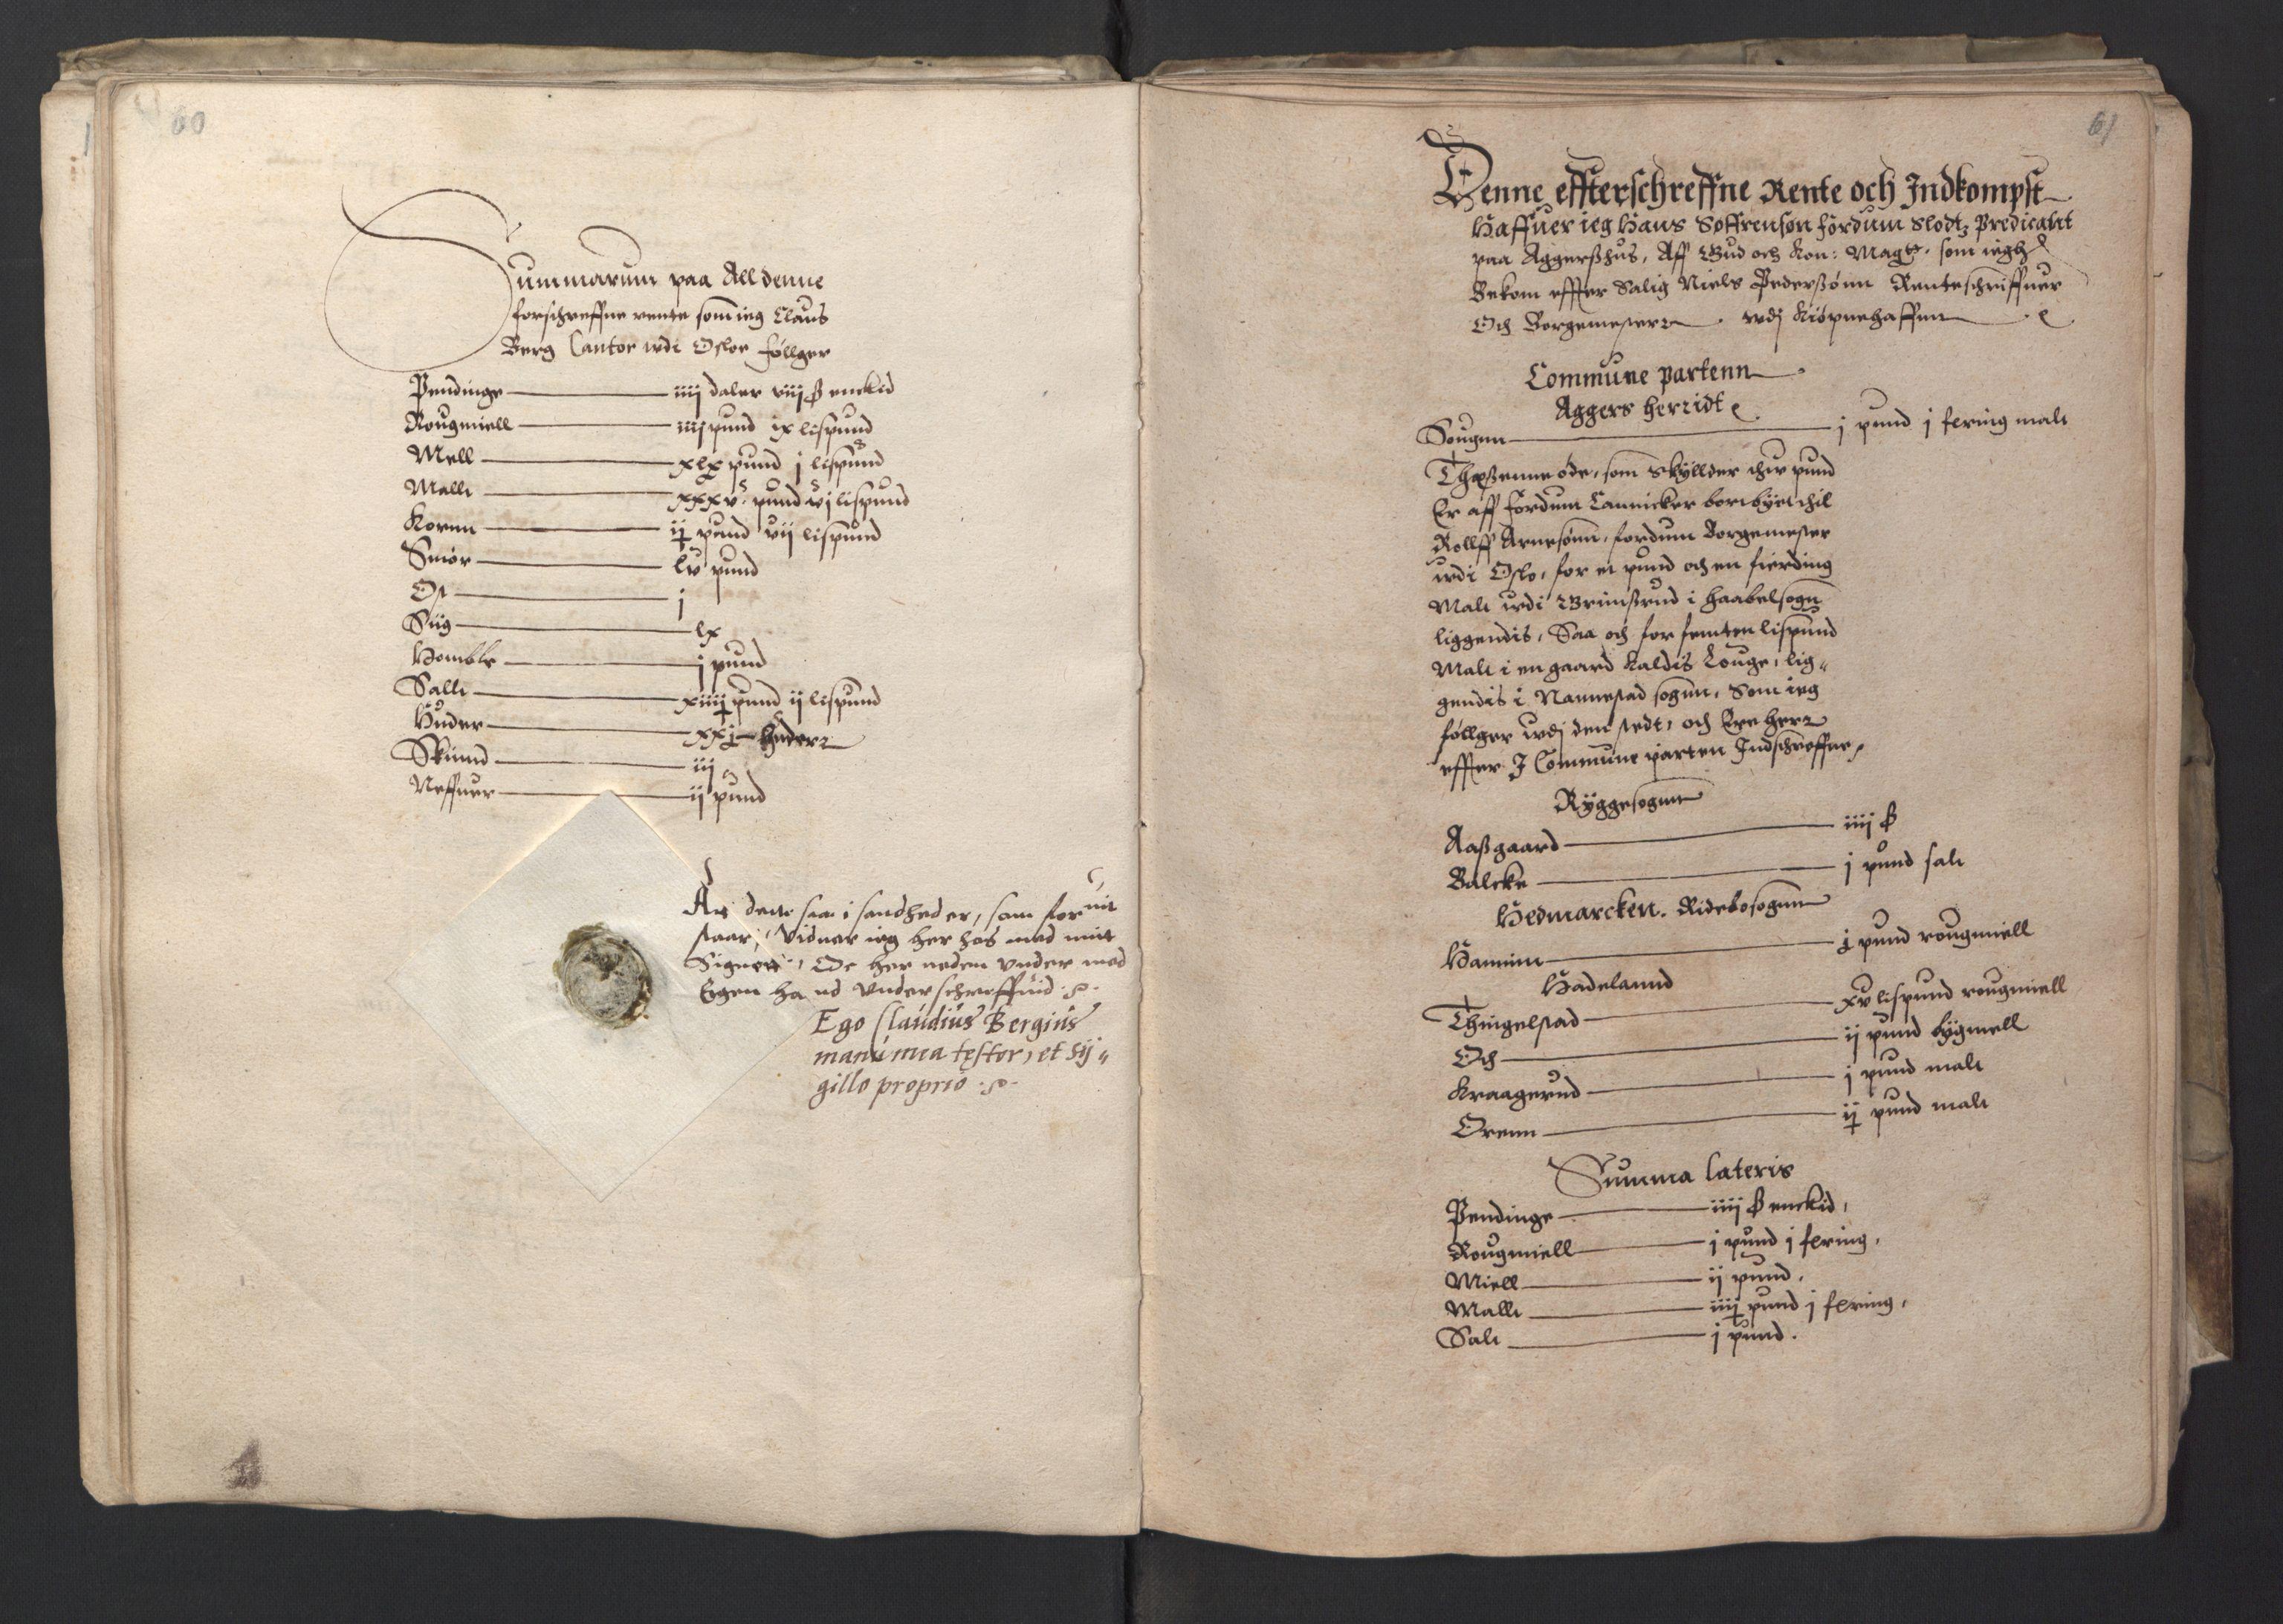 RA, Stattholderembetet 1572-1771, Ek/L0001: Jordebøker før 1624 og til utligning av garnisonsskatt 1624-1626:, 1595, s. 60-61